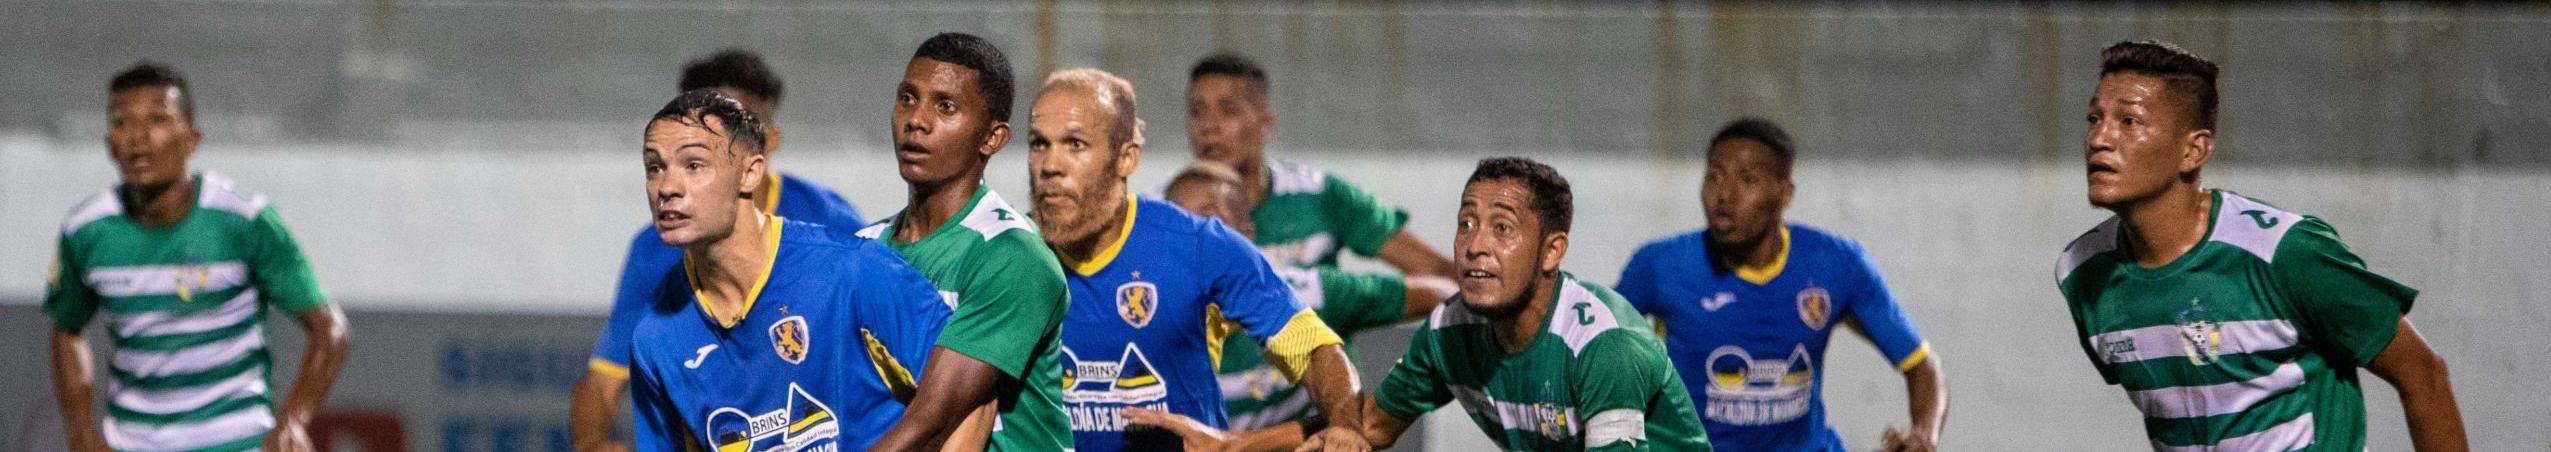 Calcio in Nicaragua, l'esperienza di chi lo ha vissuto: intervista a Giacomo Ratto